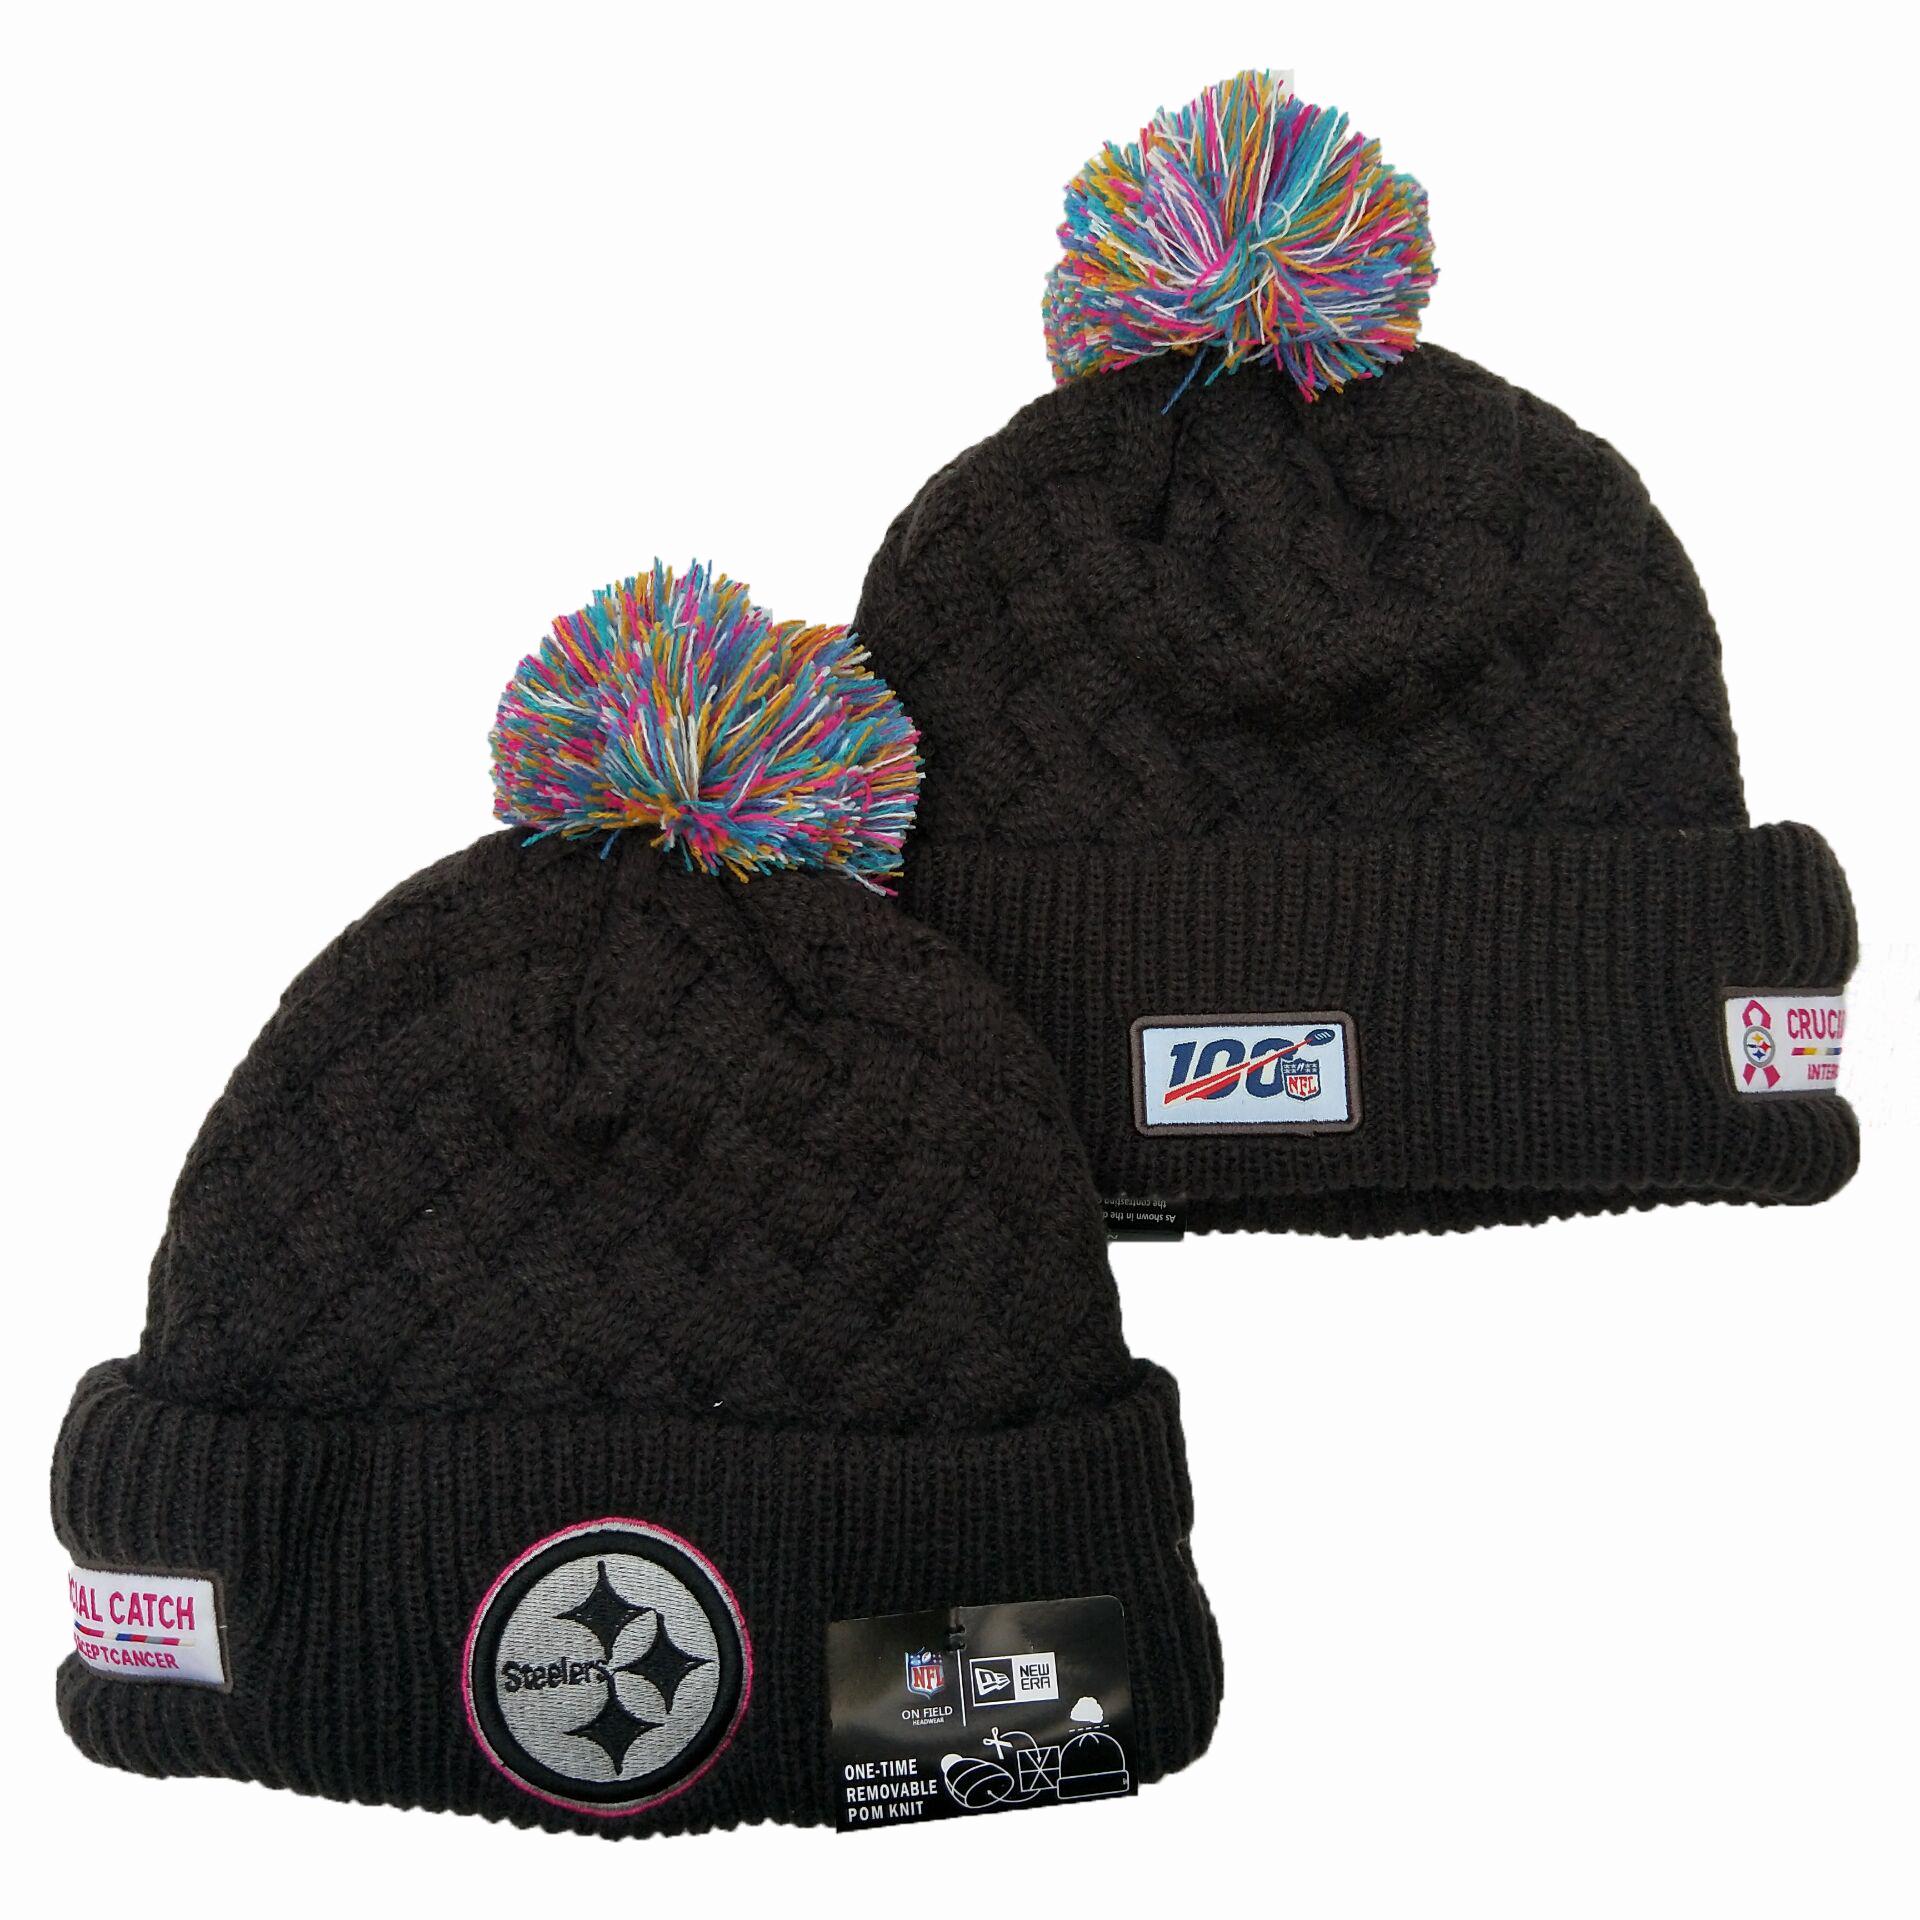 Steelers Team Logo Black 100th Season Pom Knit Hat YD